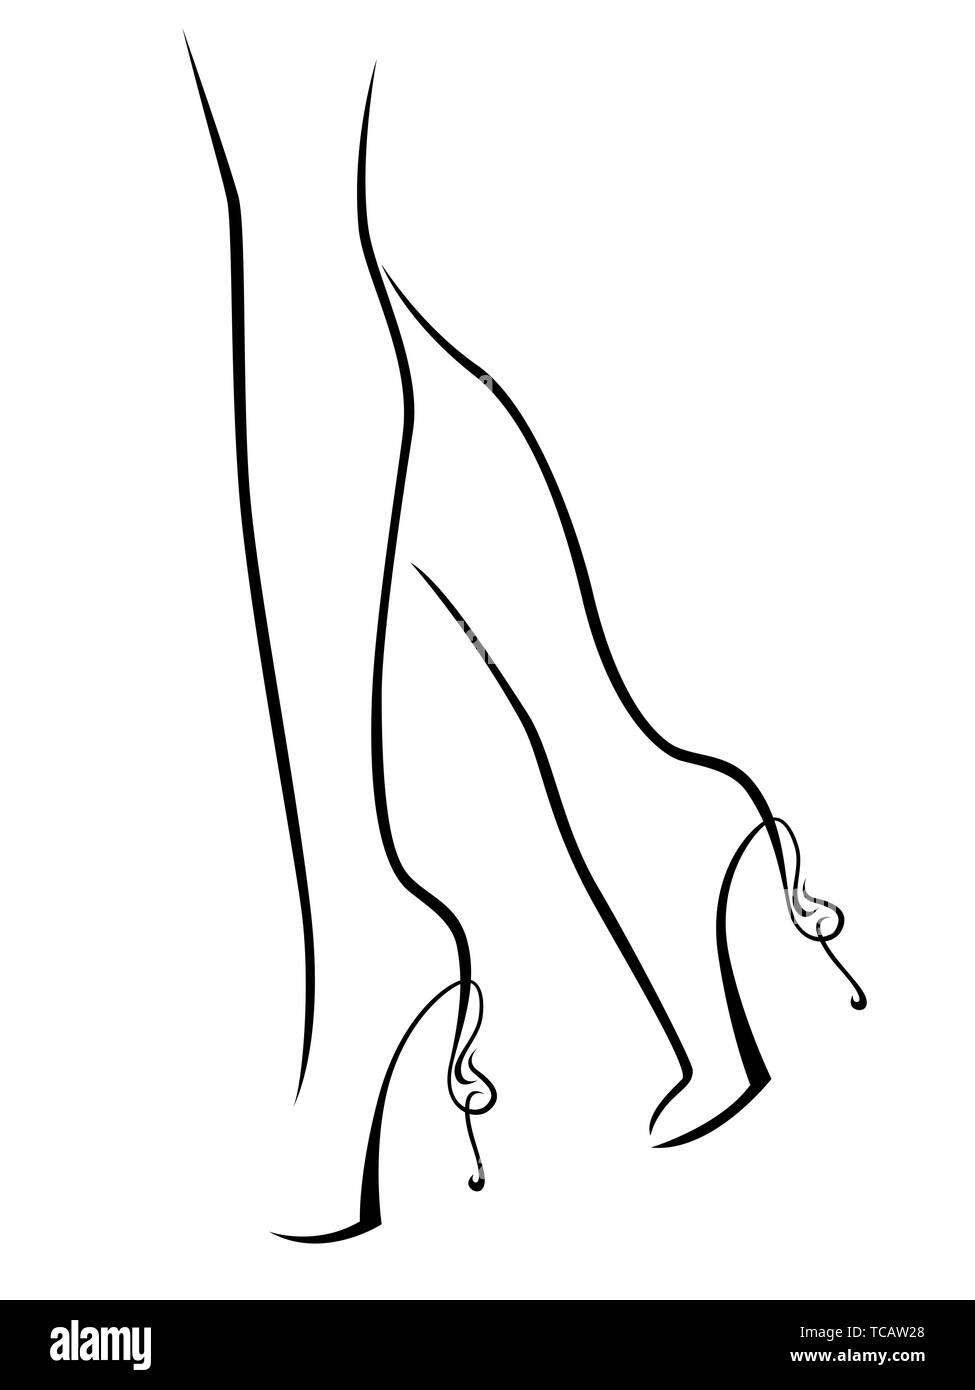 Download Feet Vector Art